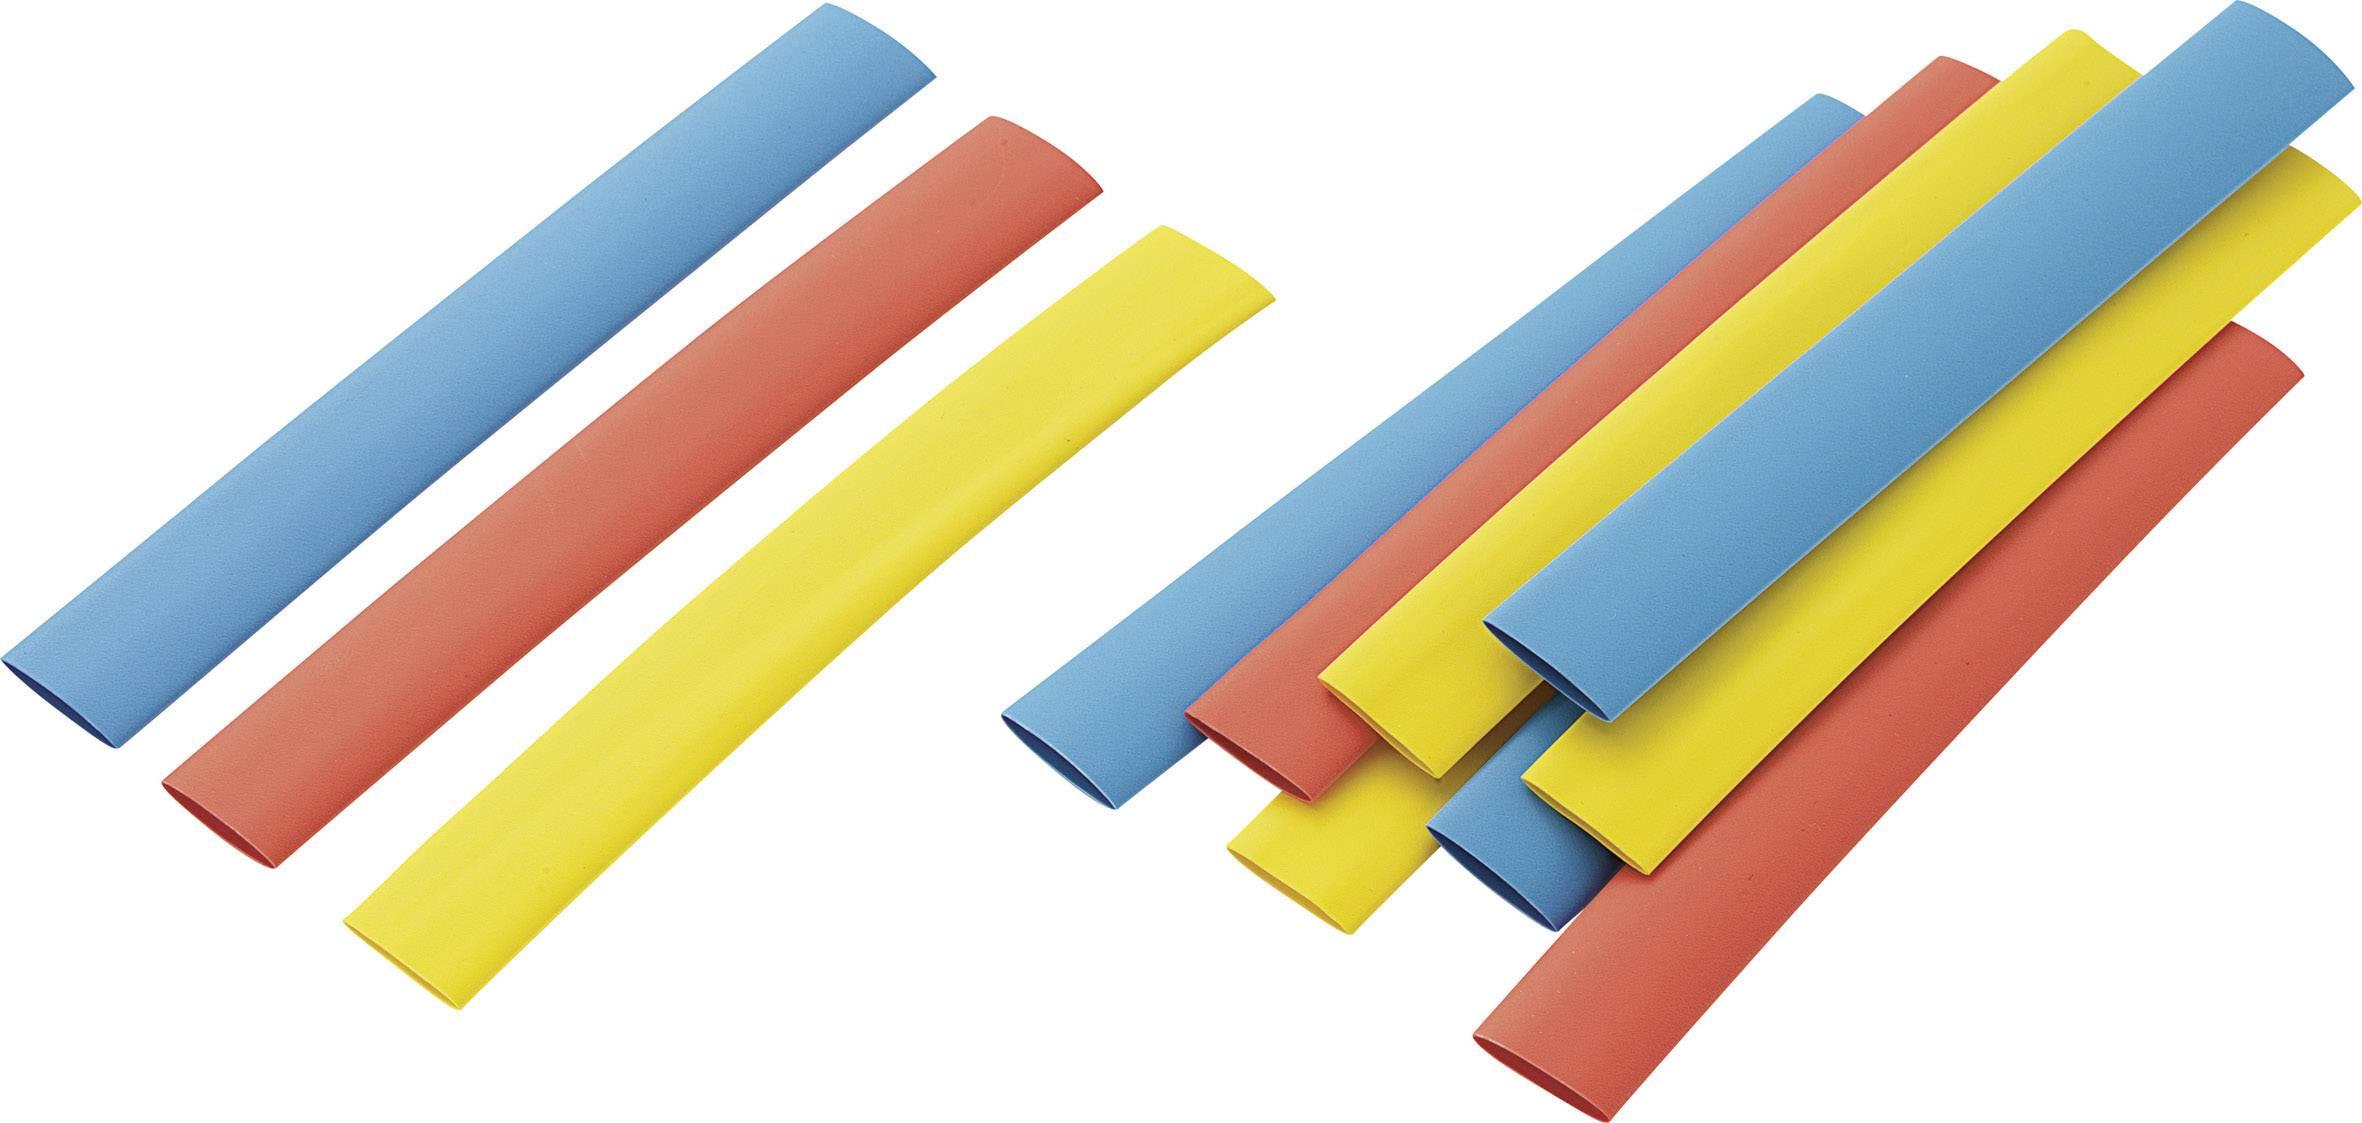 Náhradné kusy pre sadu zmršťovacích bužírok, 9,5 x 125 mm, 12 ks